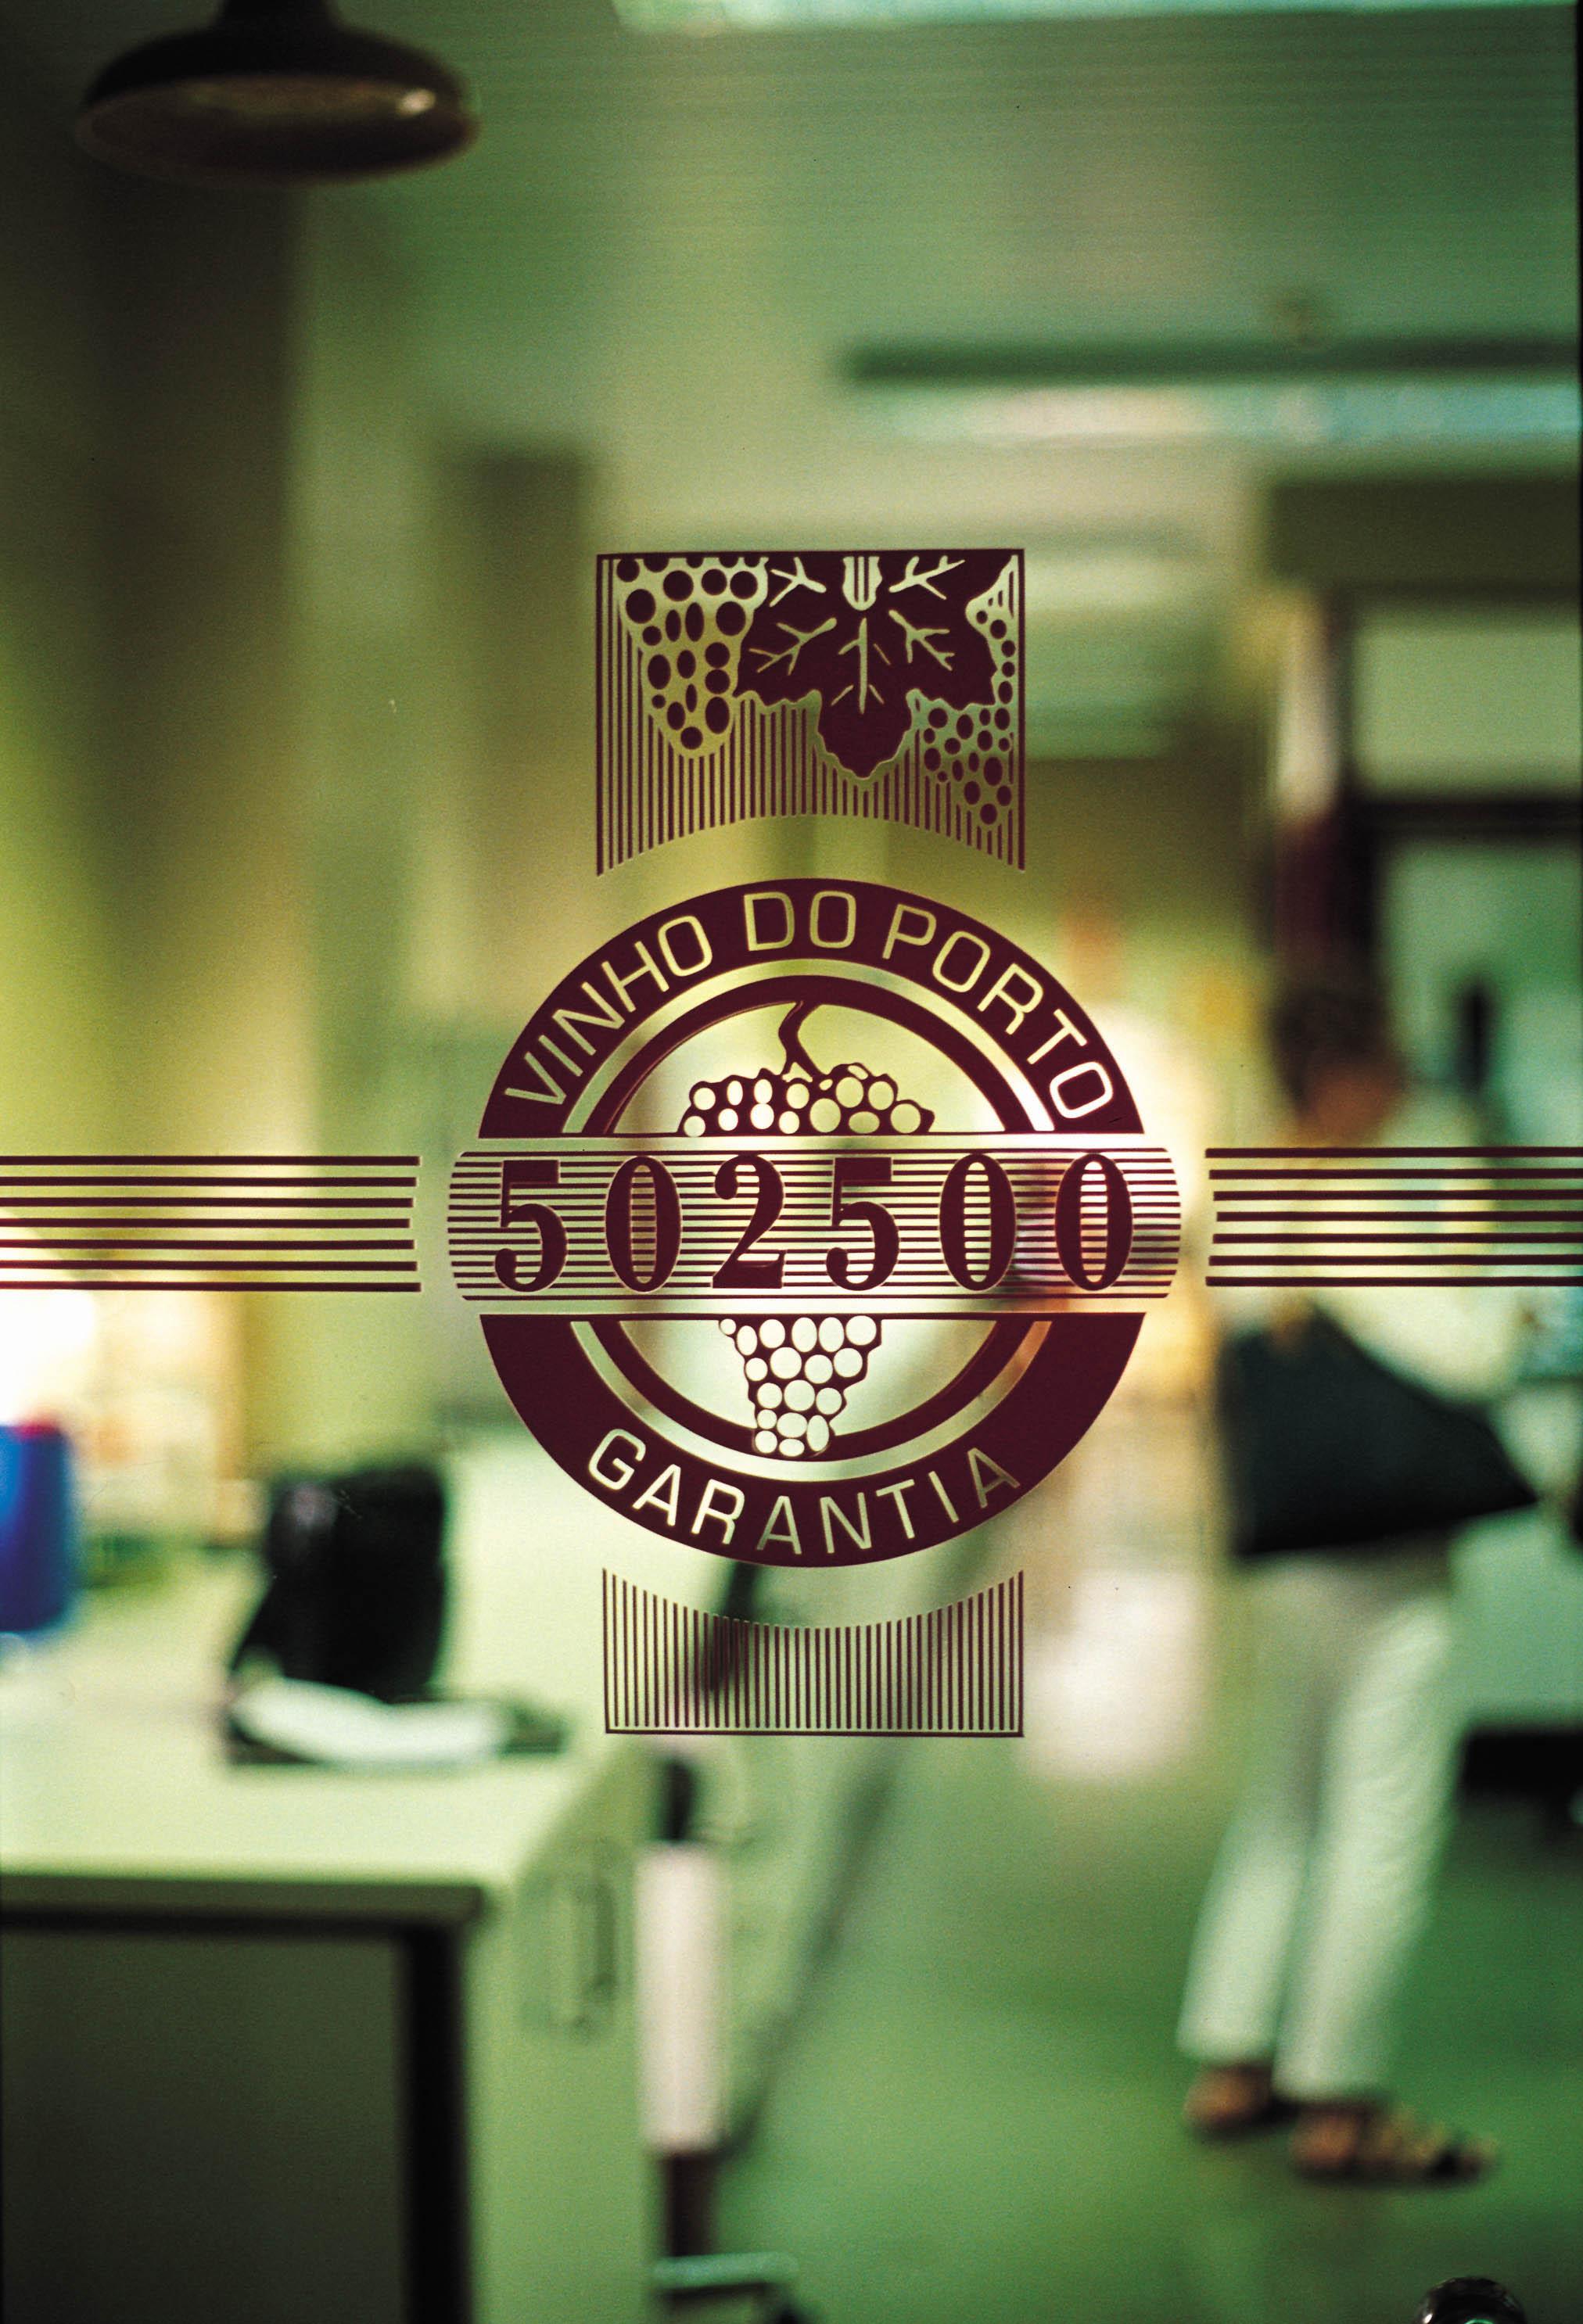 Porto Şarapları Enstitüsü yıllanmış şarapların yaşlarını karbon 14 testleriyle kontrol ediyor.